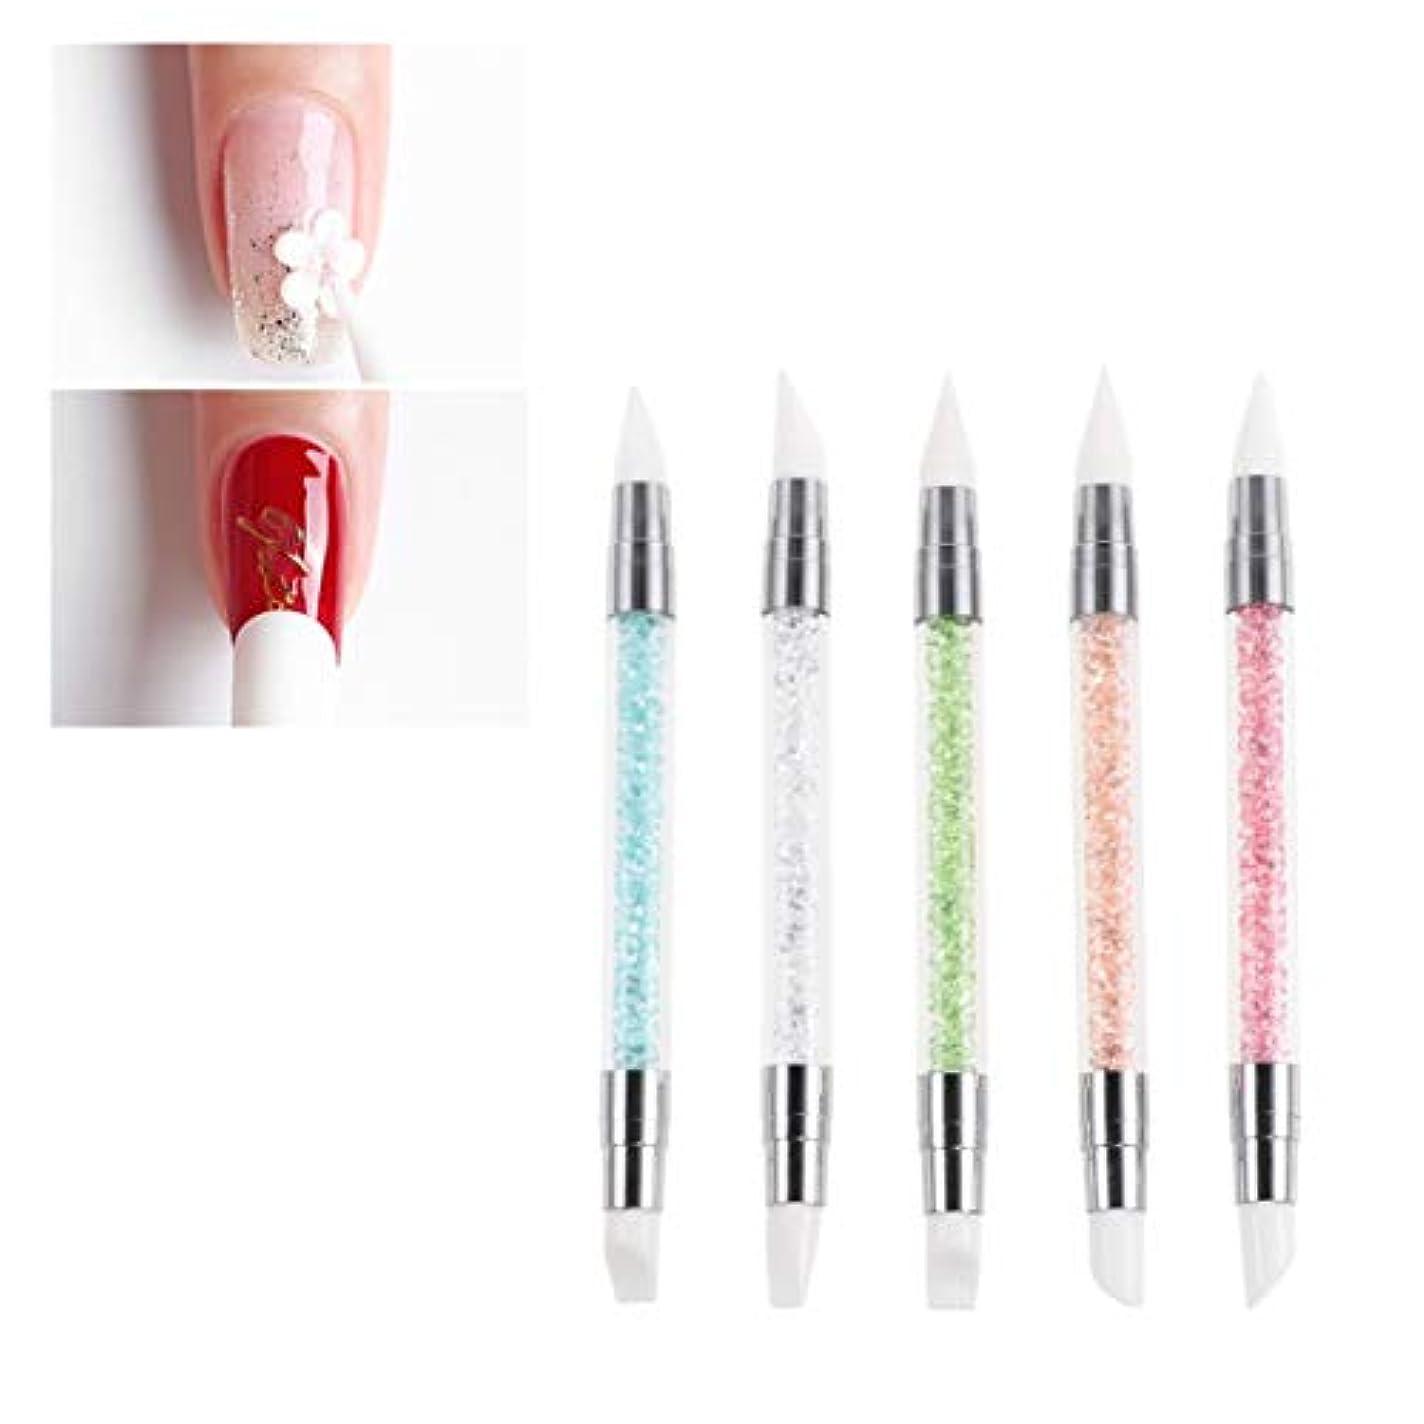 拡散する所属落胆したLurrose 5ピースドリルパイプネイルアートペン耐久性のあるポータブル軽量クリエイティブダブルヘッドドットネイルアートペン用女性ネイルアートサロン